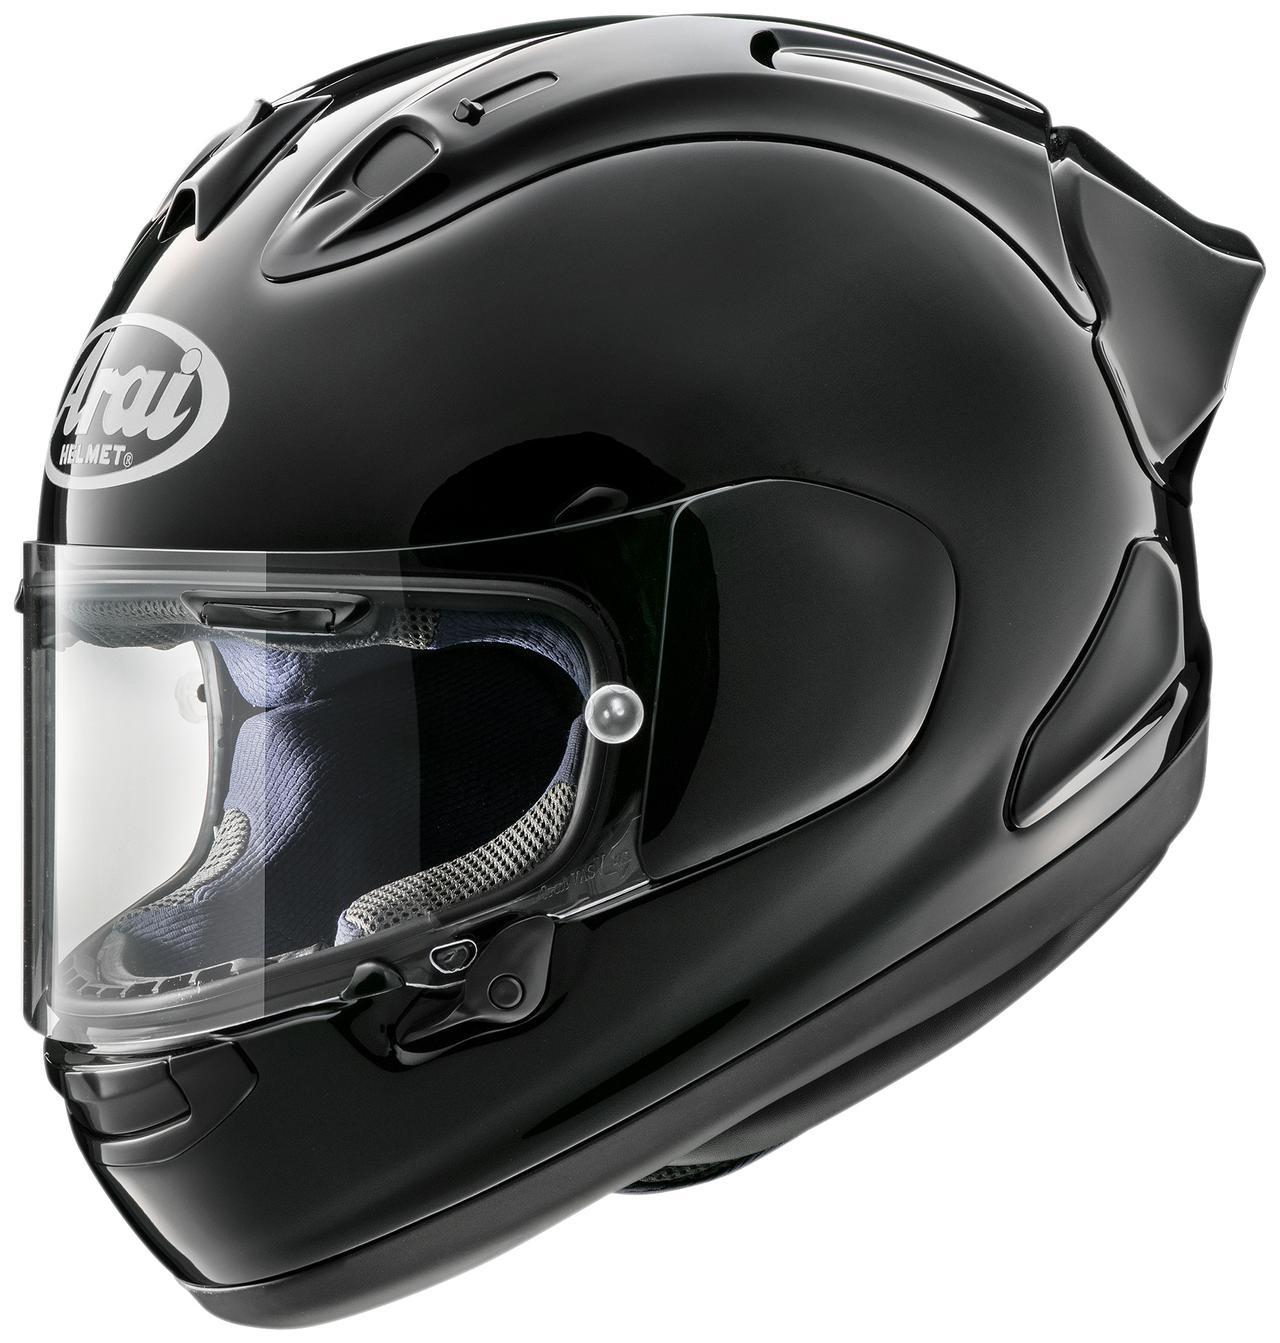 画像4: アライヘルメットが「RX-7X FIM Racing #1」を発表!! エアロデバイスを装備しながら「RX-7X」より軽い、新たなレーシングフルフェイスが誕生